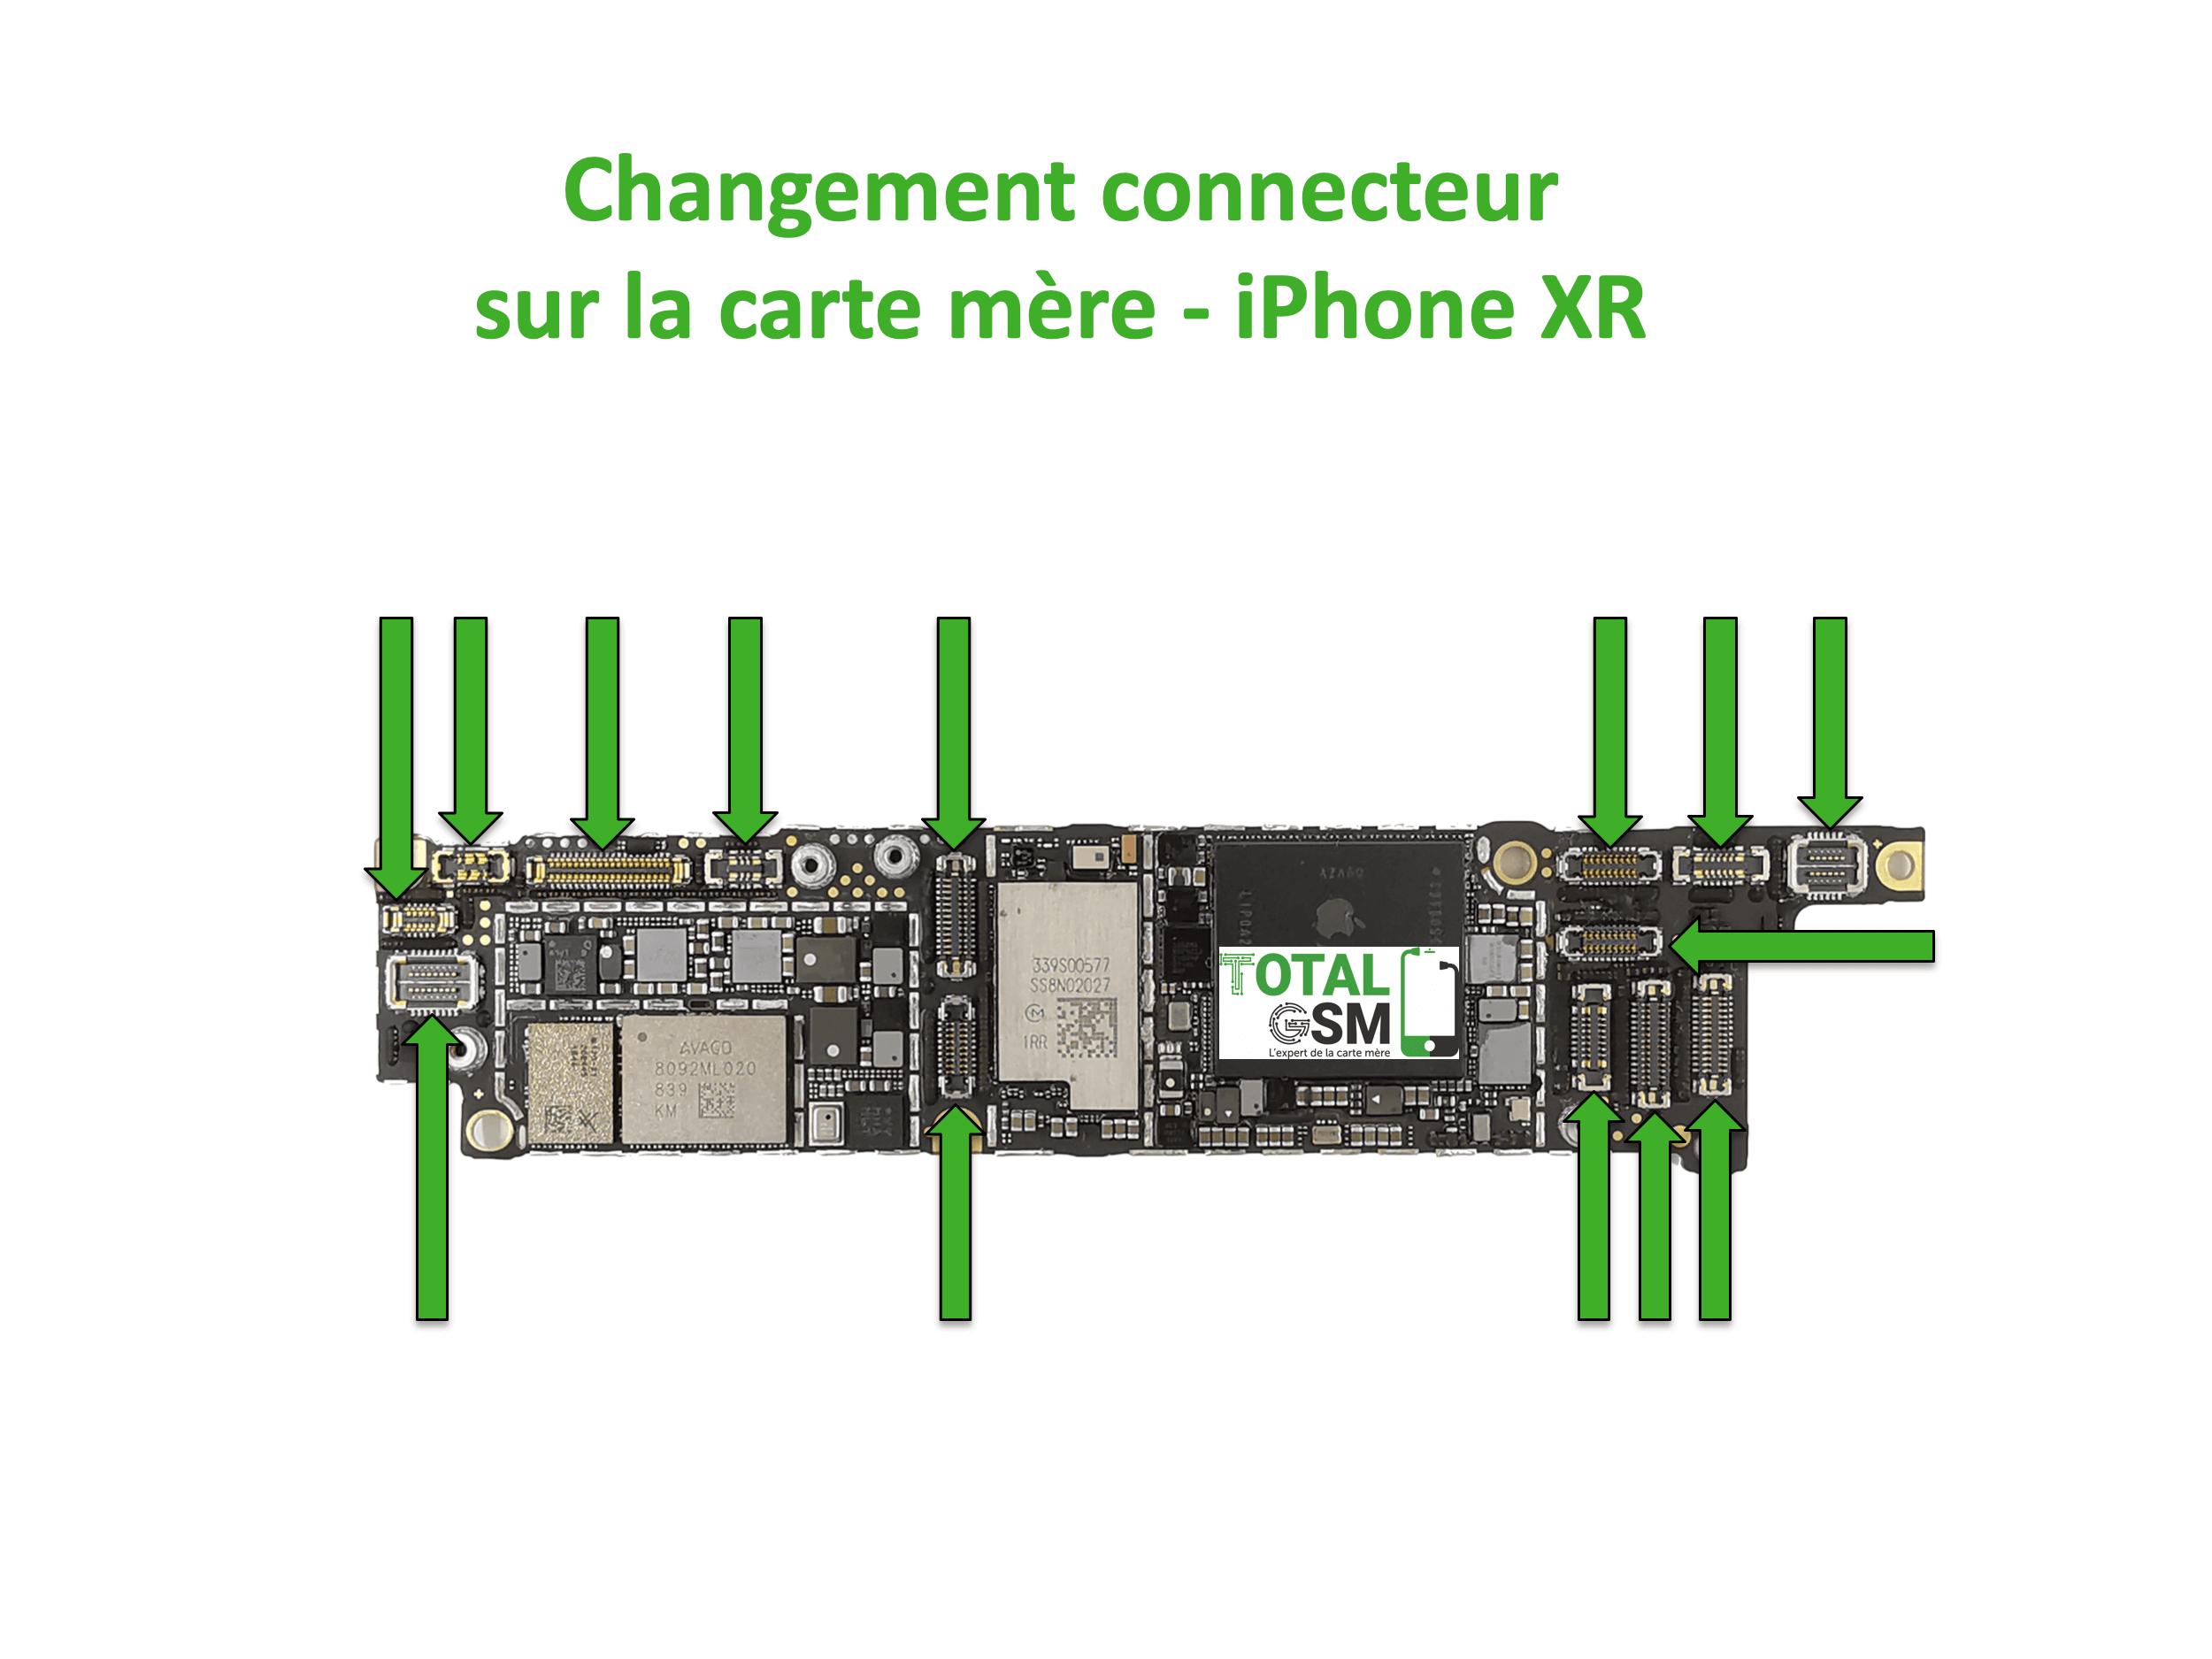 Changement Réparation Connecteur Sur Carte Mère Iphone Xr Totalgsm